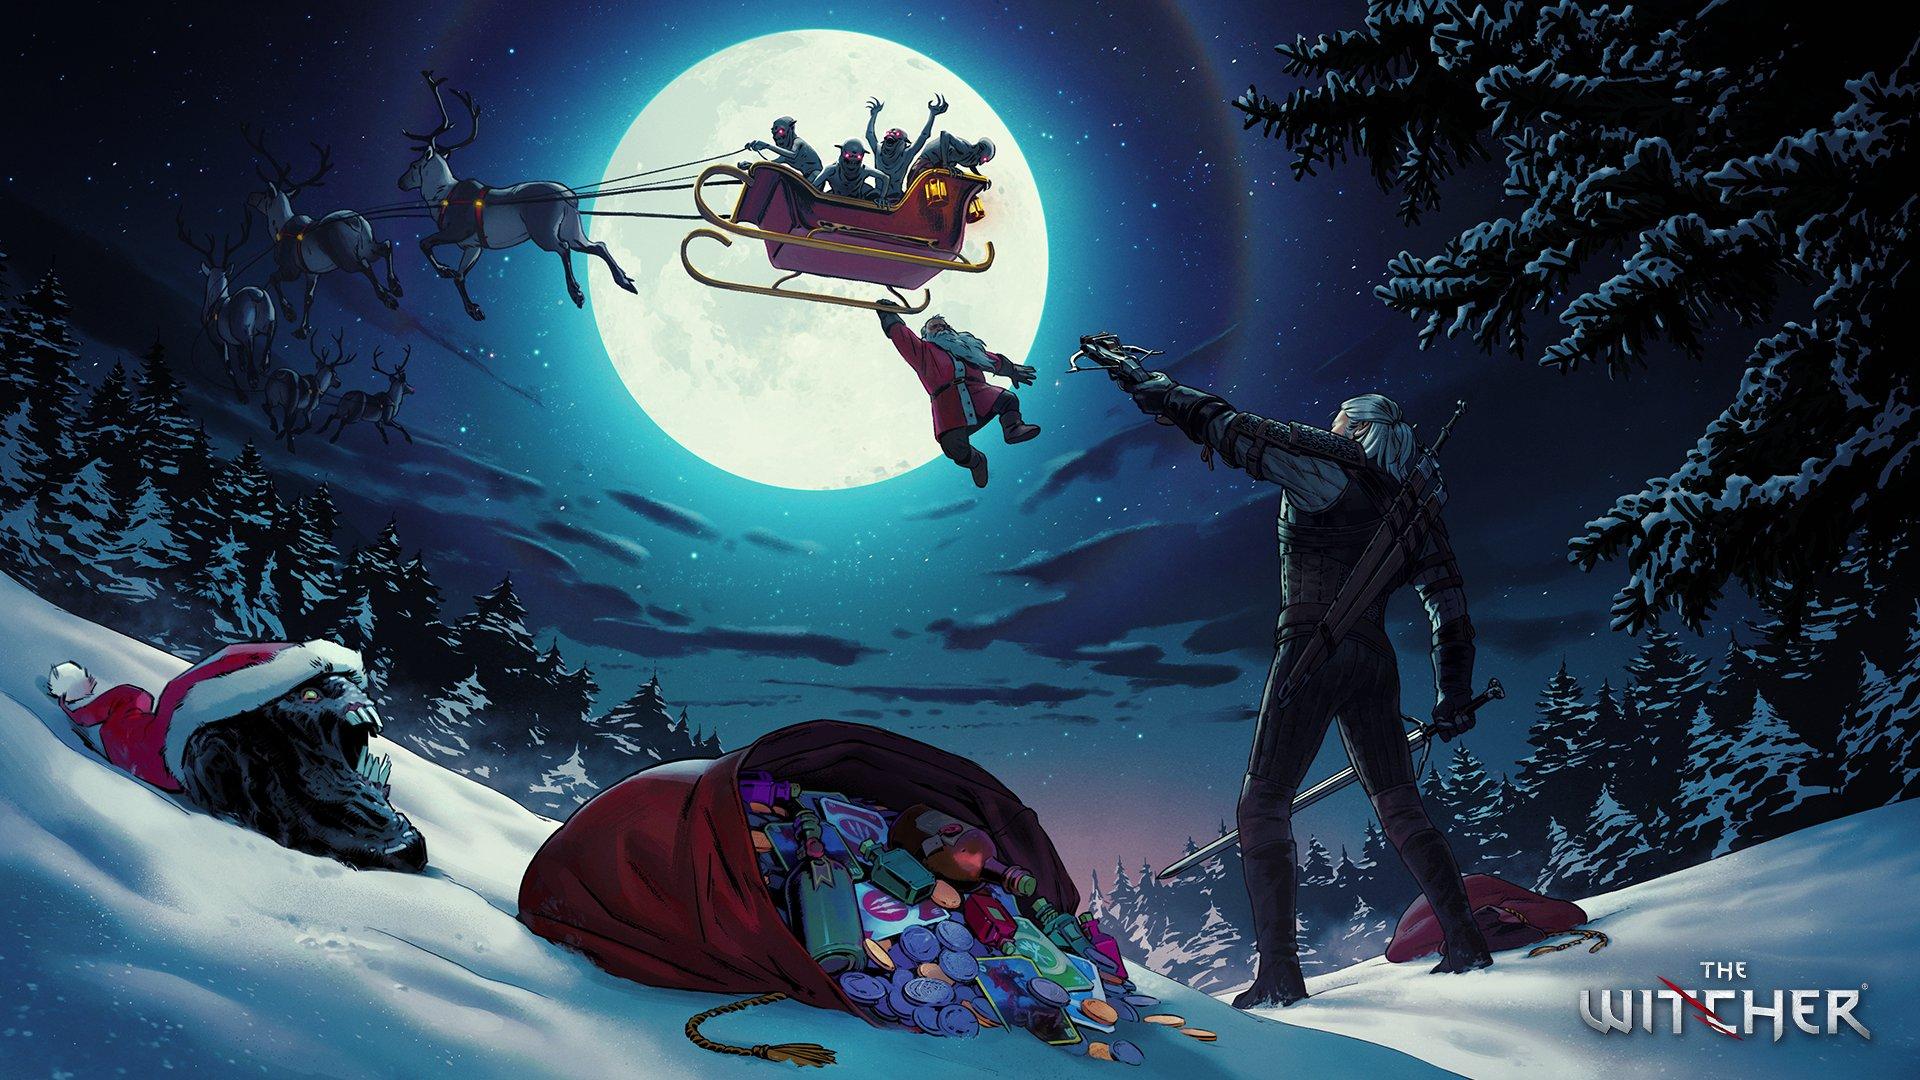 《巫师》官推发圣诞贺图 白狼拯救圣诞老人